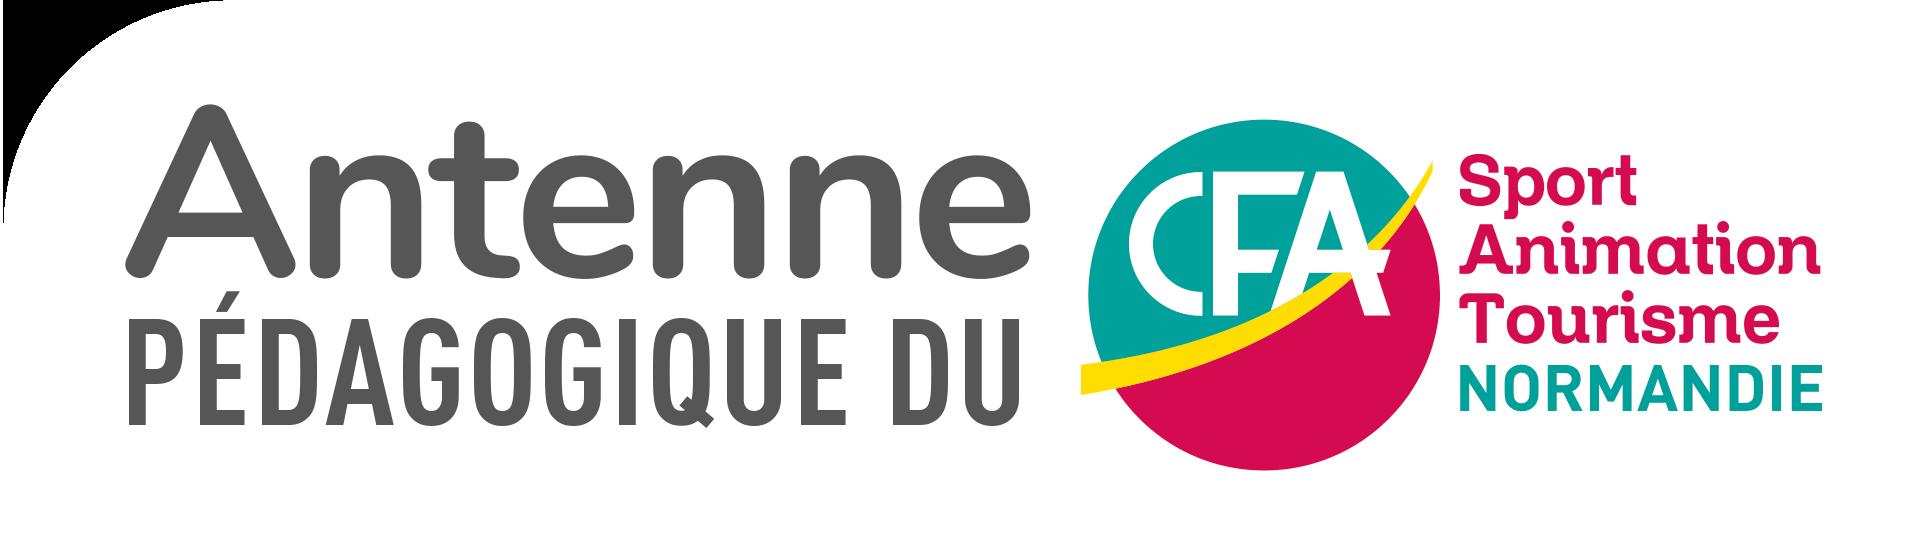 Antenne pédagogique du CFA SAT Normandie